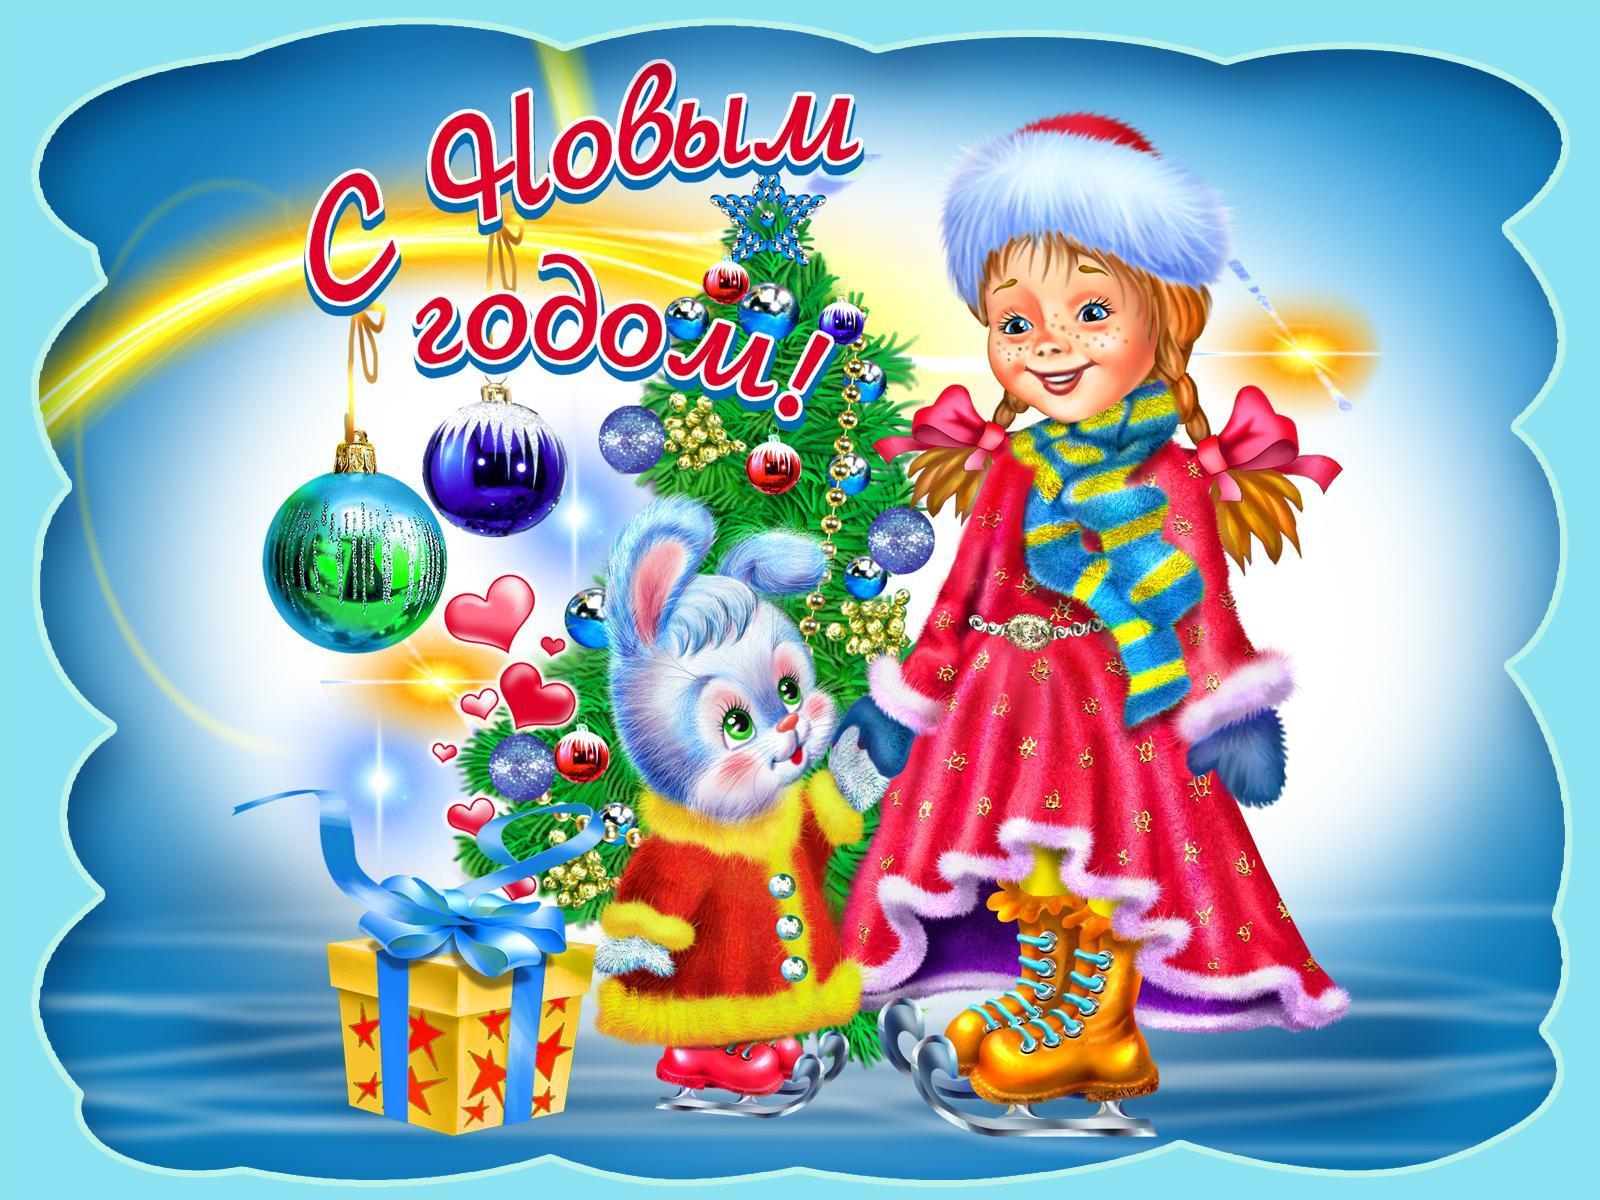 Поздравление от детского сада с новым годом